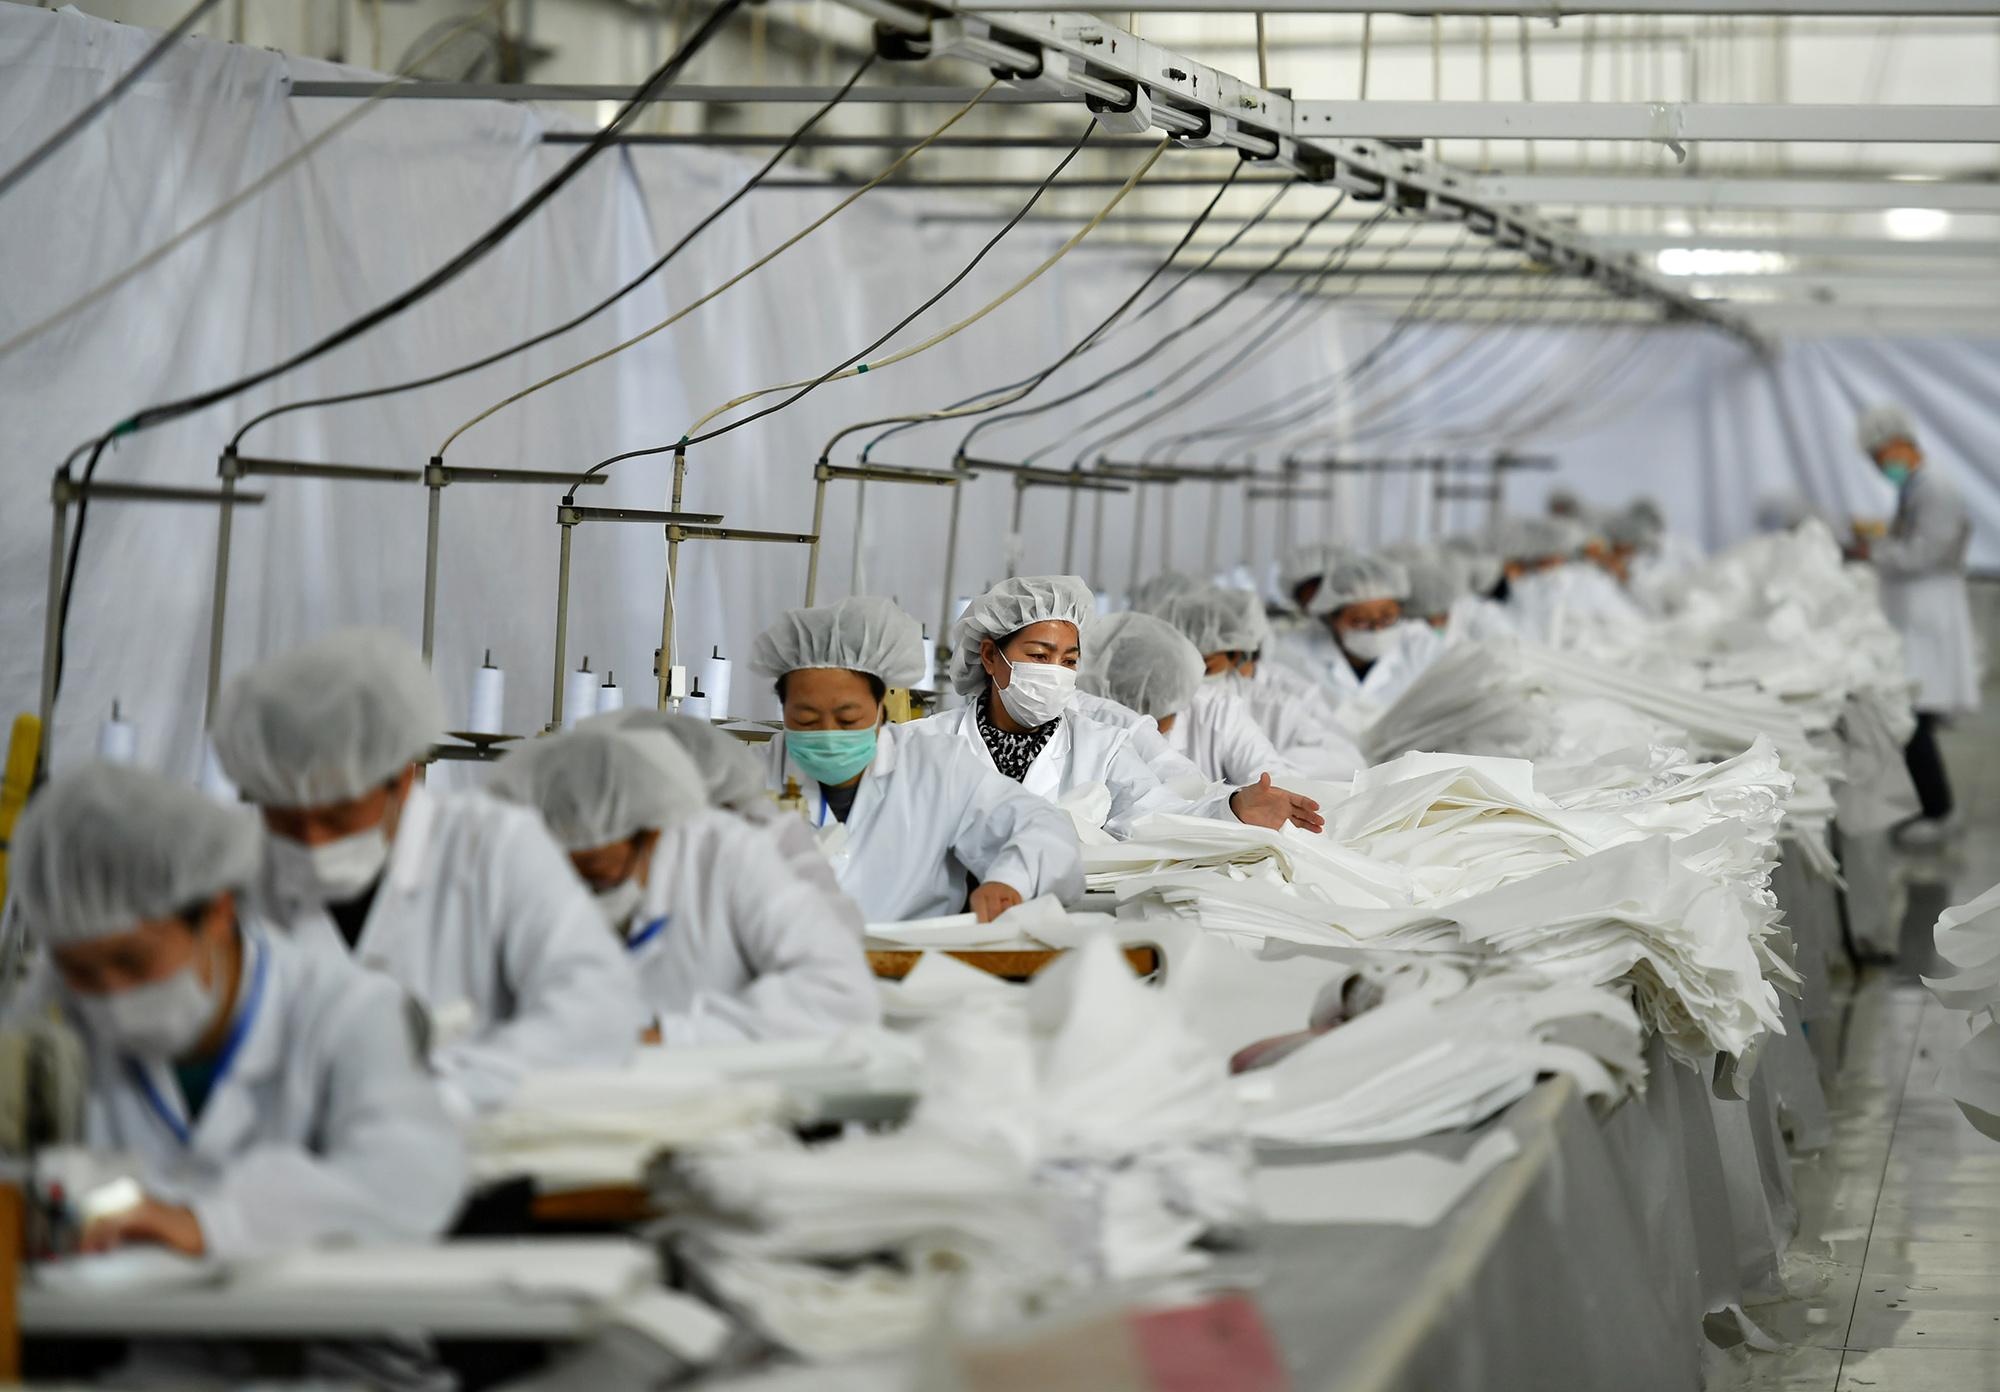 Единственное производство, которое непострадало, — пошив медицинской защитной одежды.